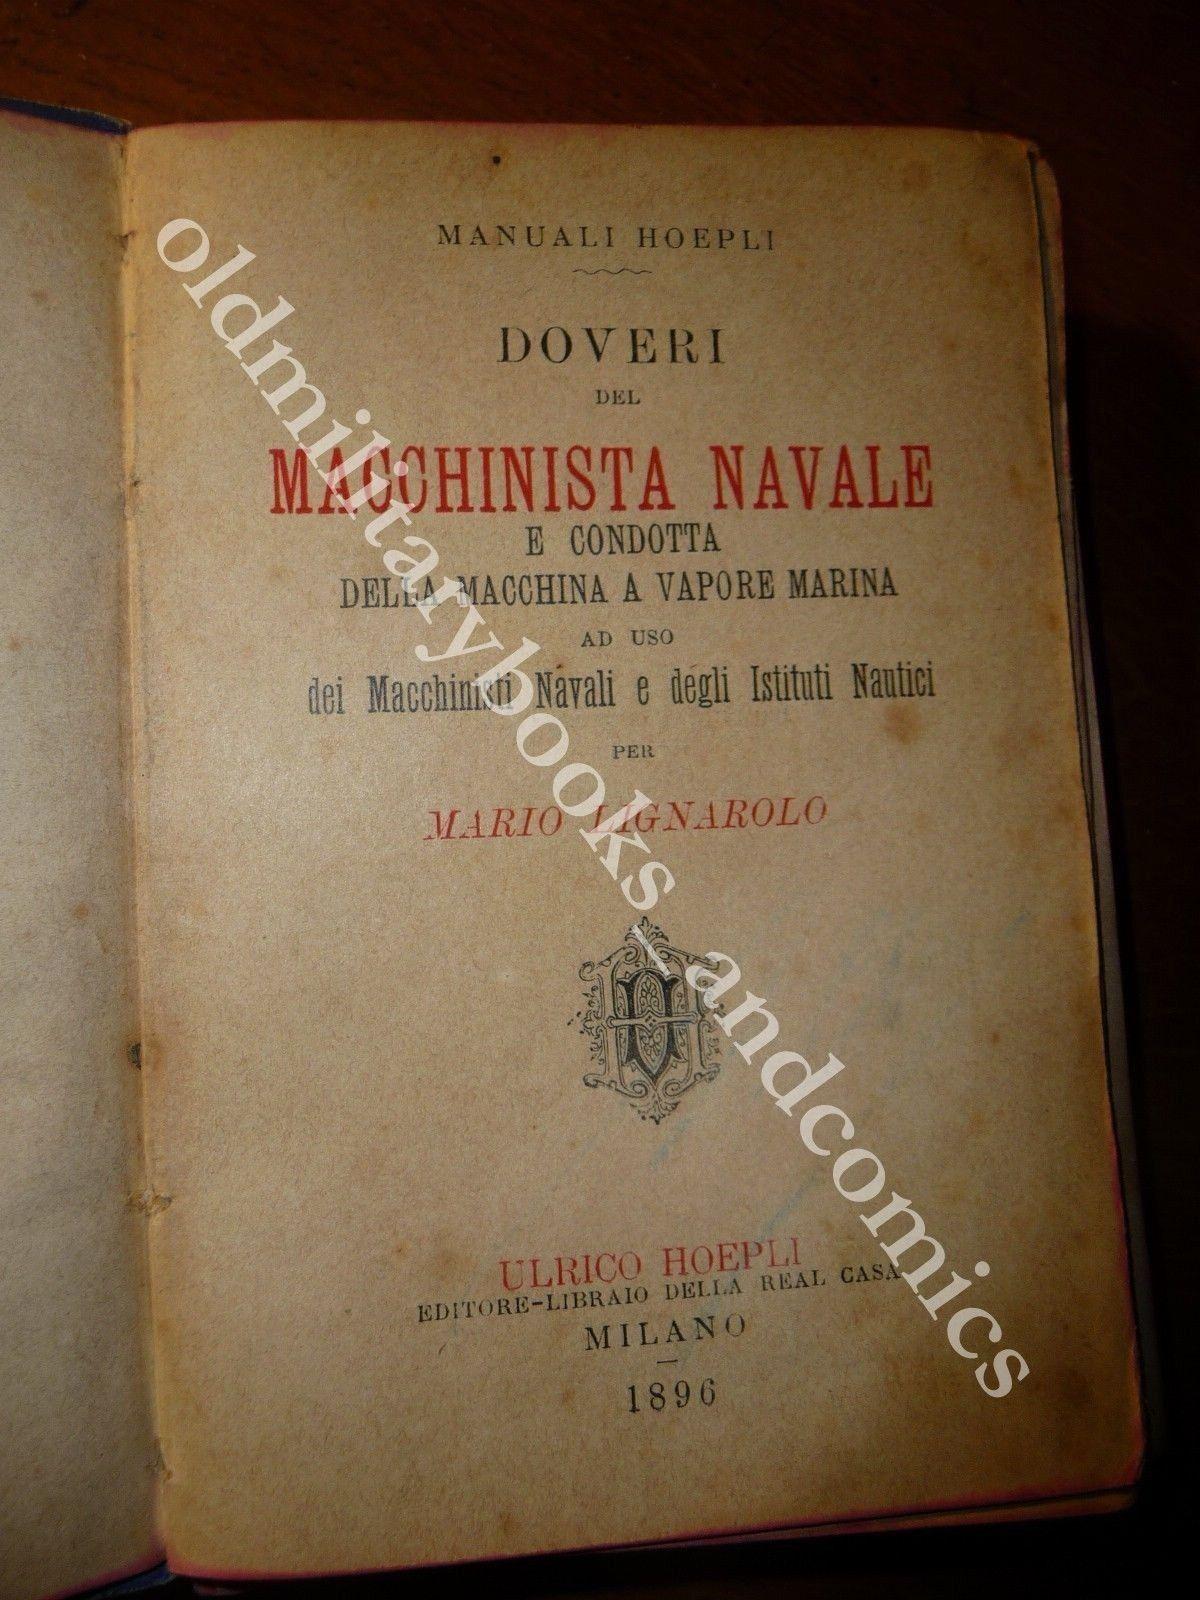 DOVERI DEL MACCHINISTA NAVALE E CONDOTTA DELLA MACCHINA A VAPORE MARINA 1896